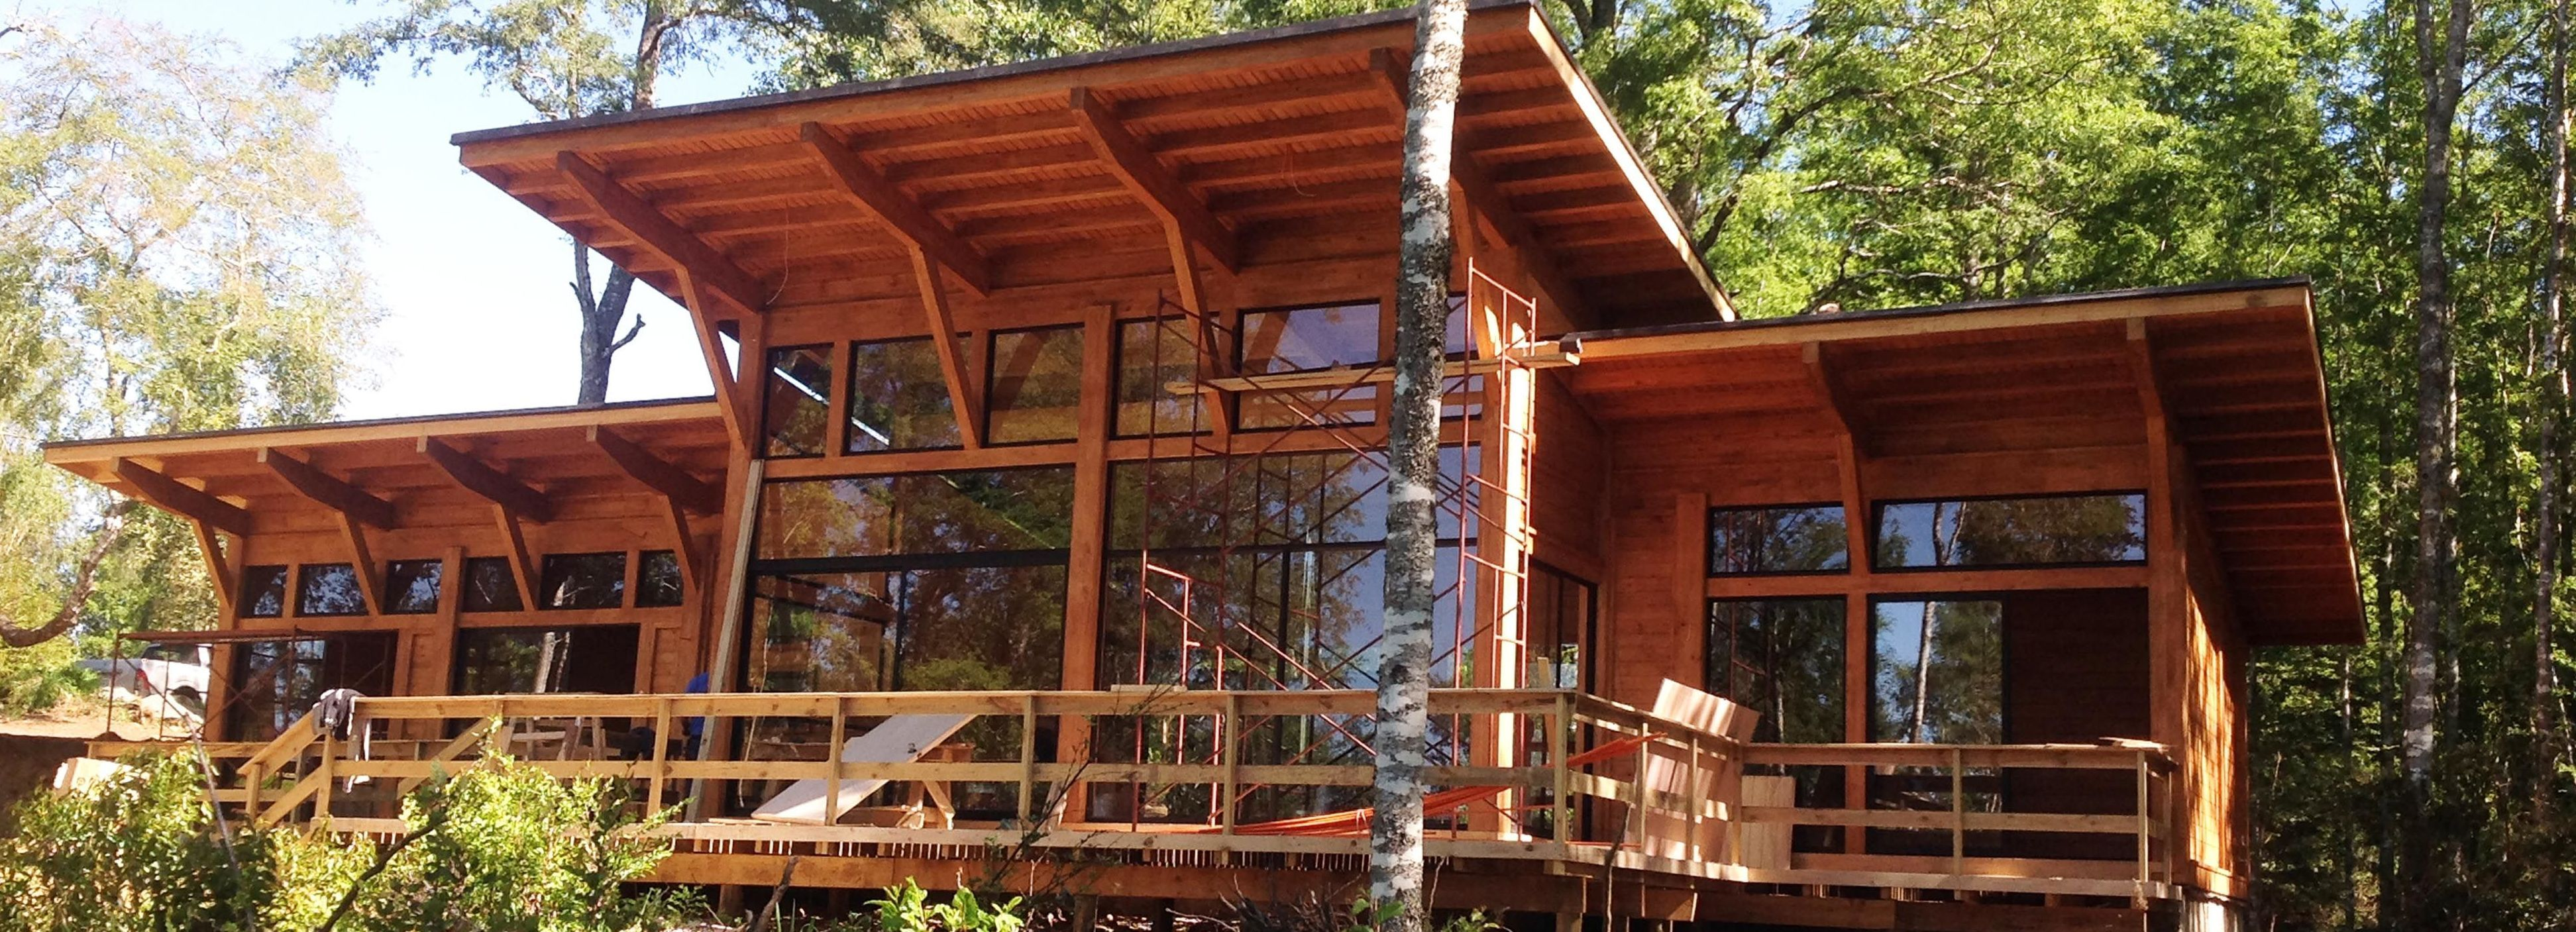 Casas de madera en tenerife cortelima - Propiedades de la madera ...